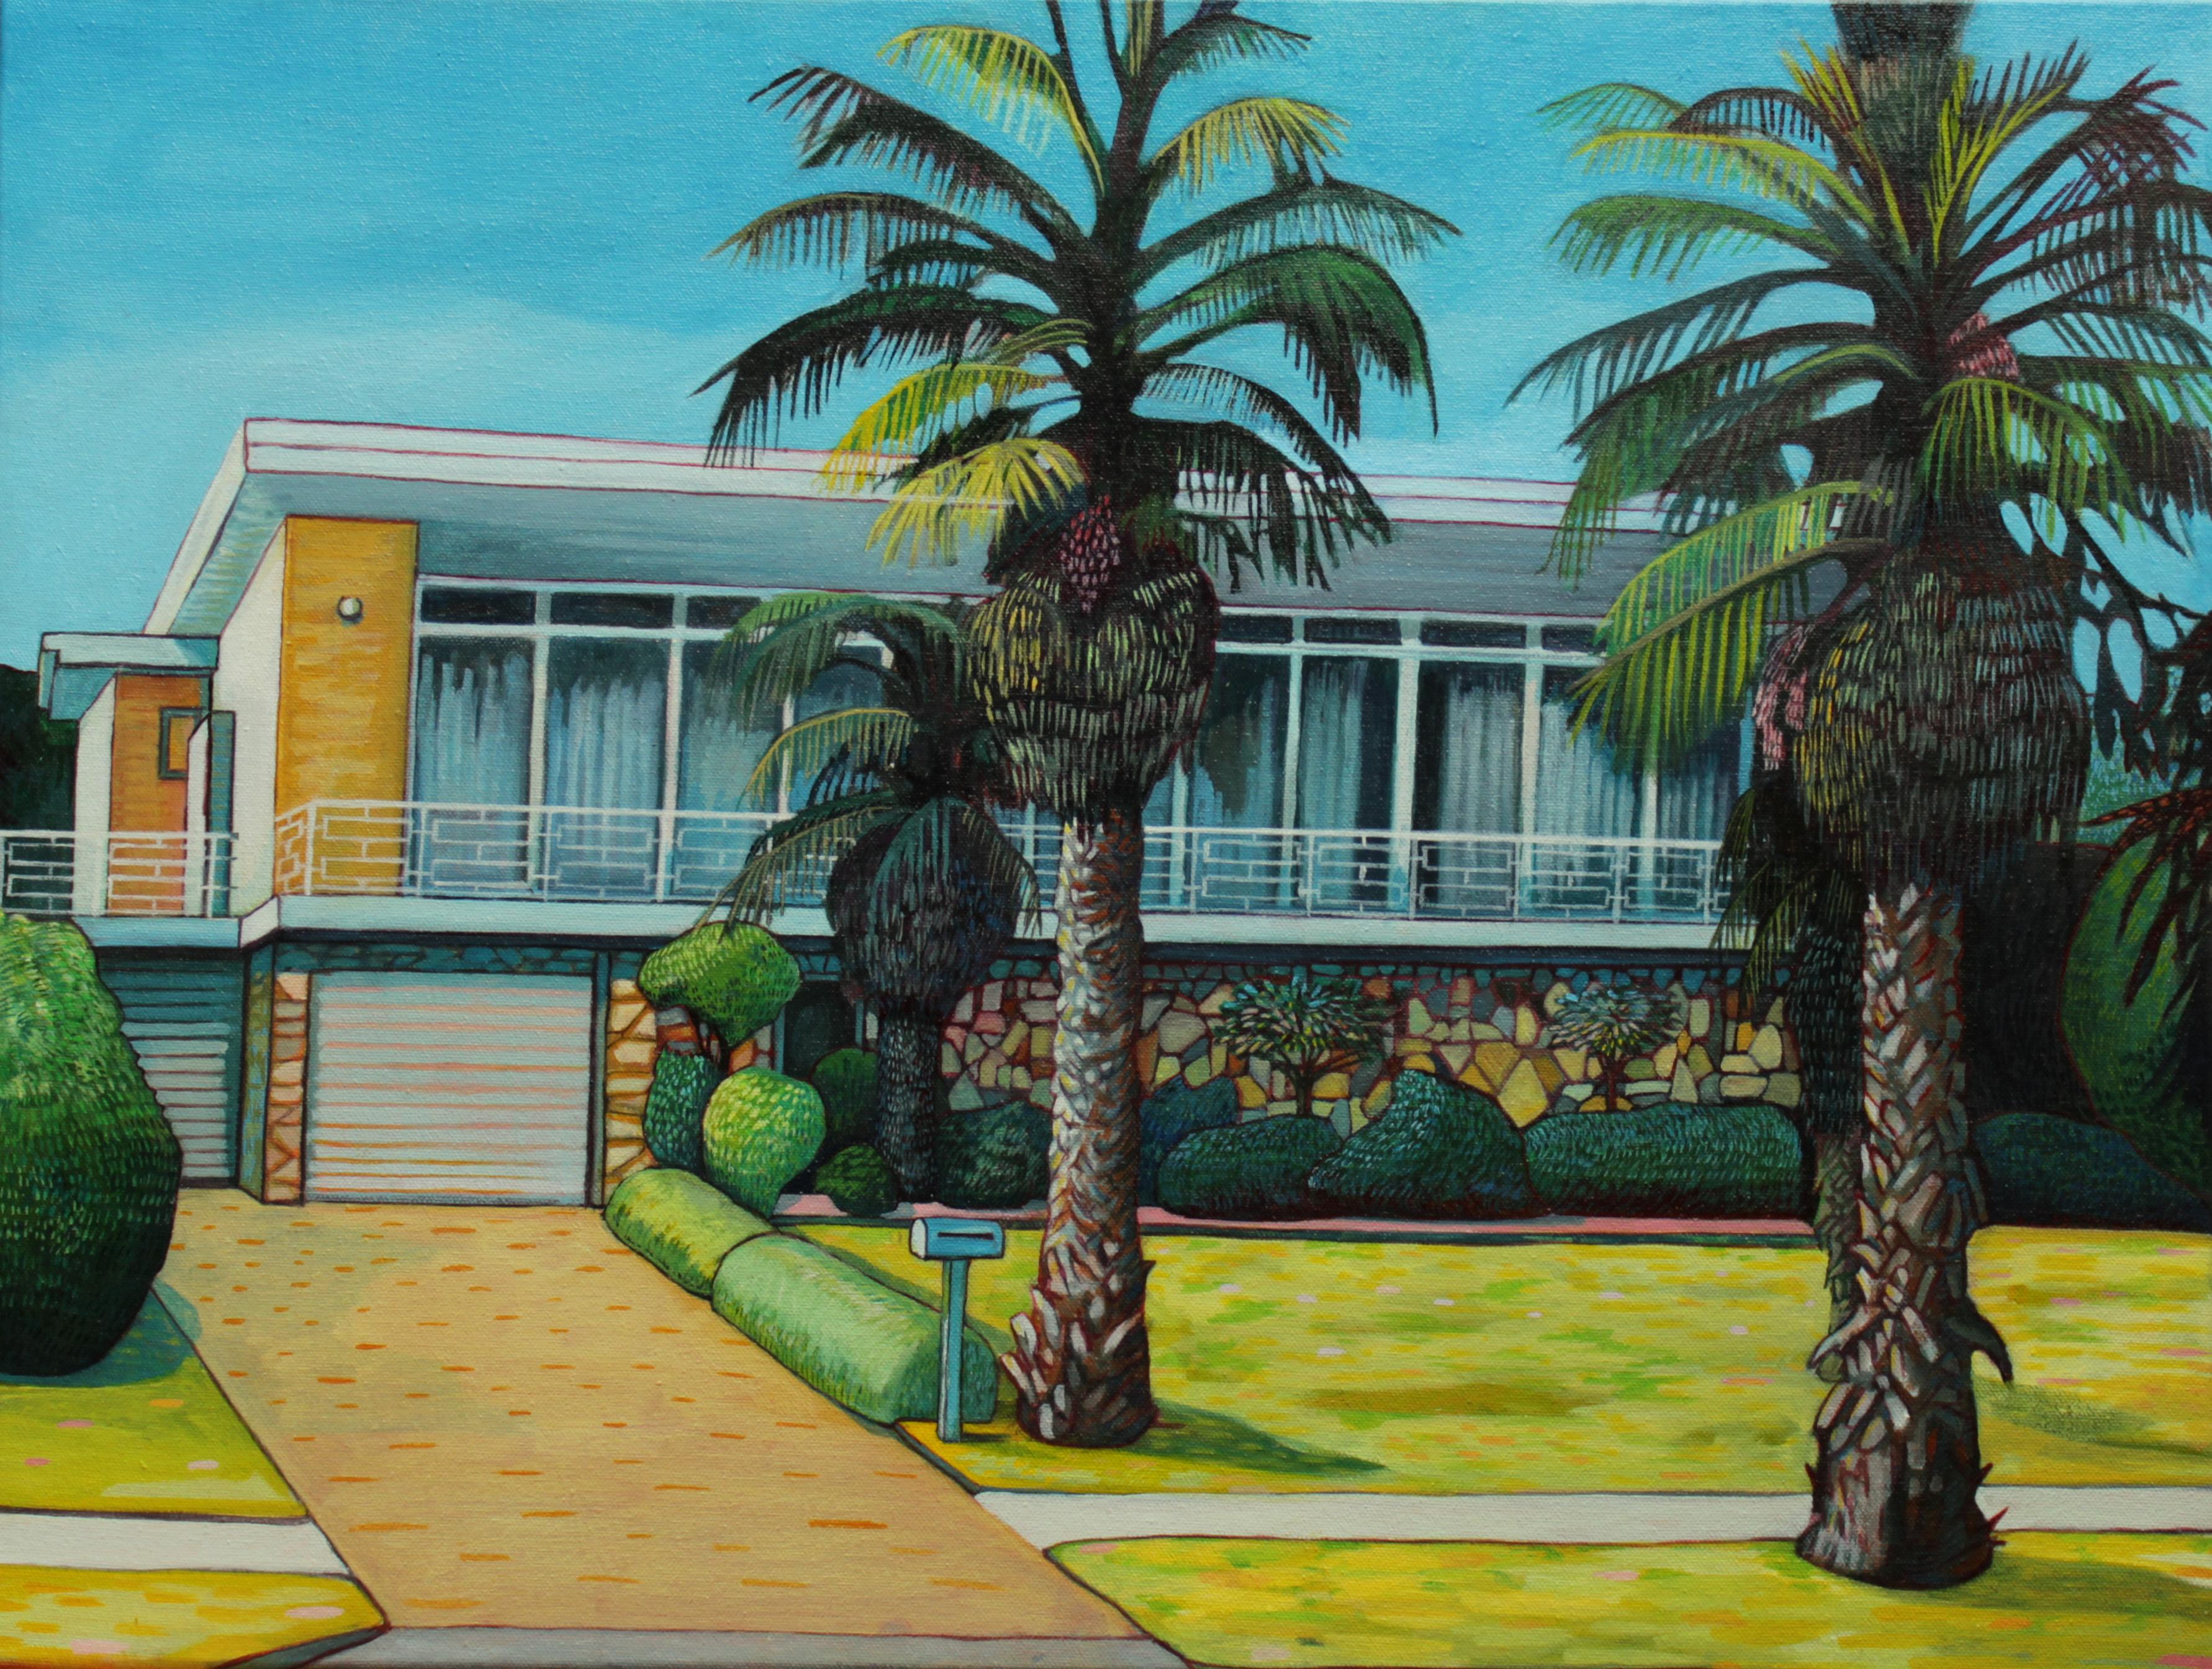 Palm Trees, Hackett